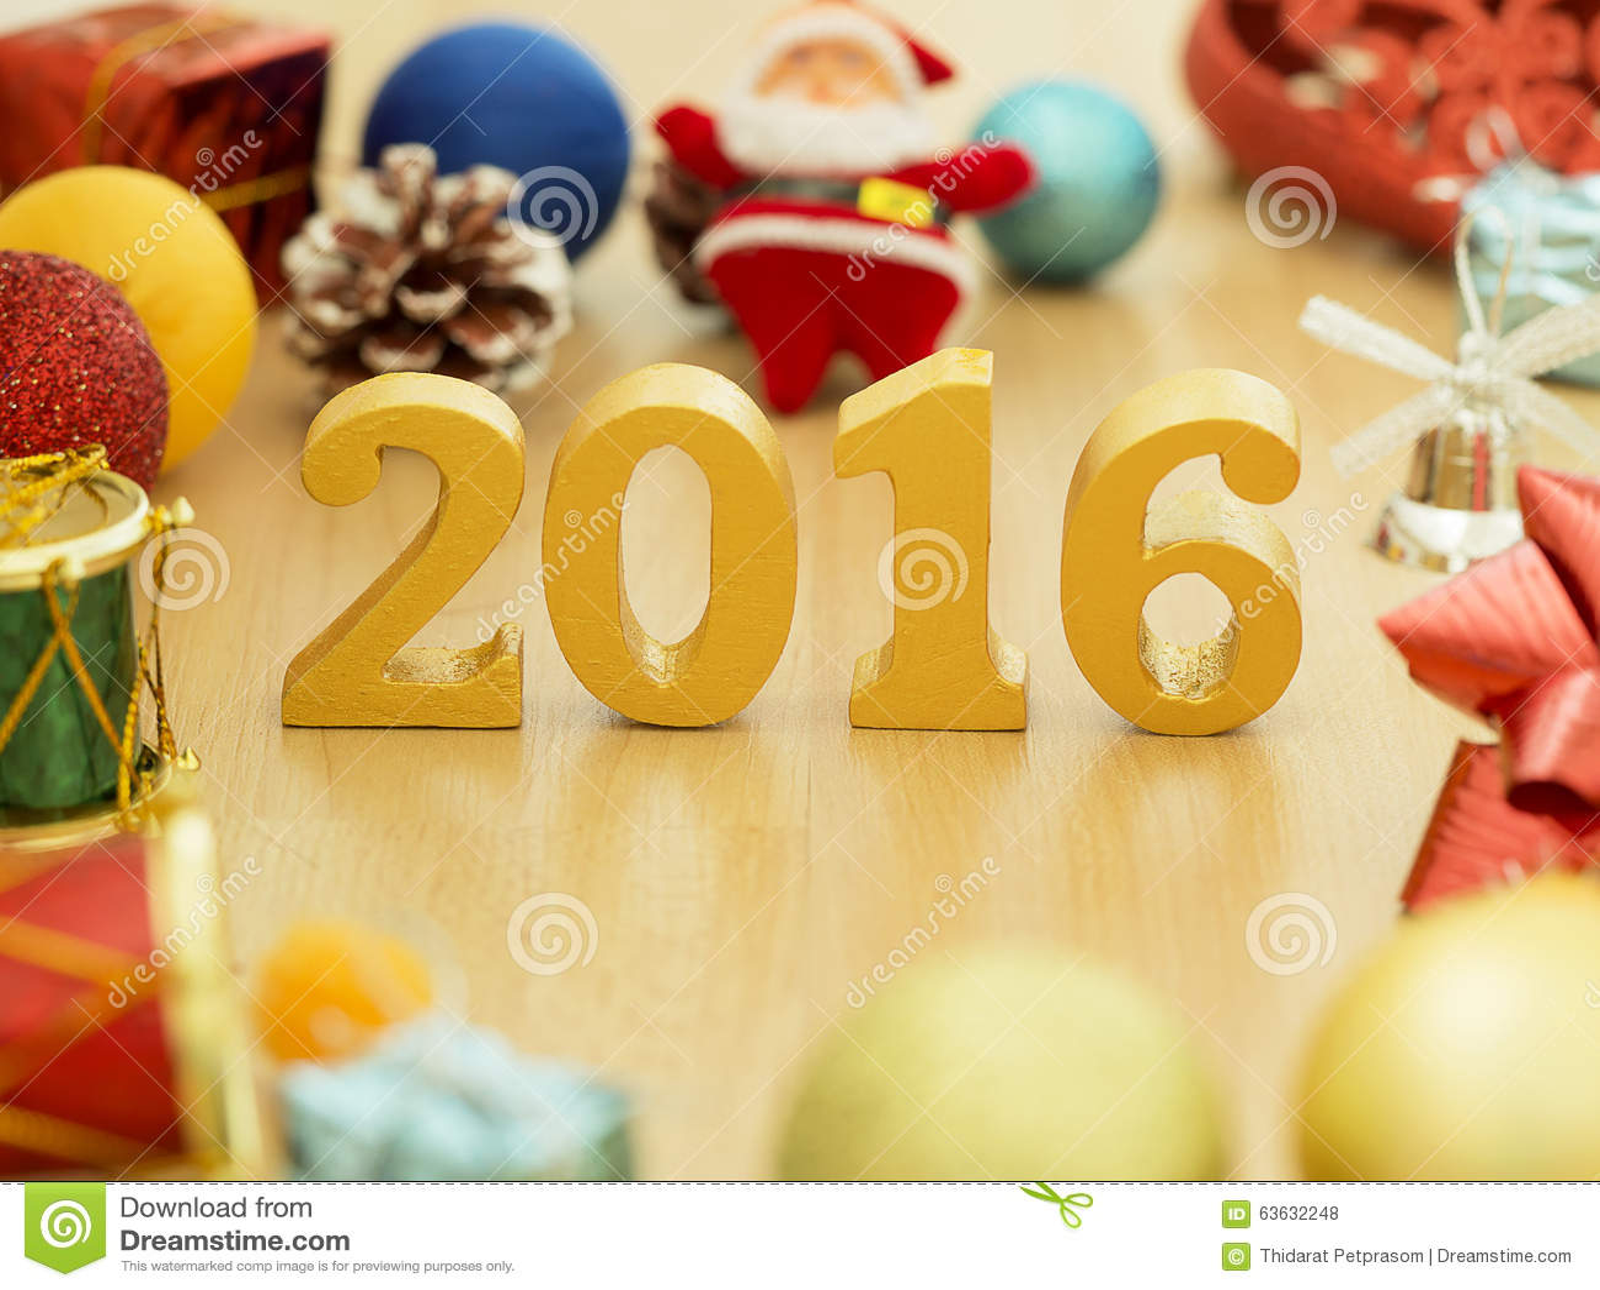 El texto del oro 2016, hace de la madera Año de oro 2016 Decoración del Año Nuevo, texto del primer 2016 Feliz Año Nuevo 2016 Oro